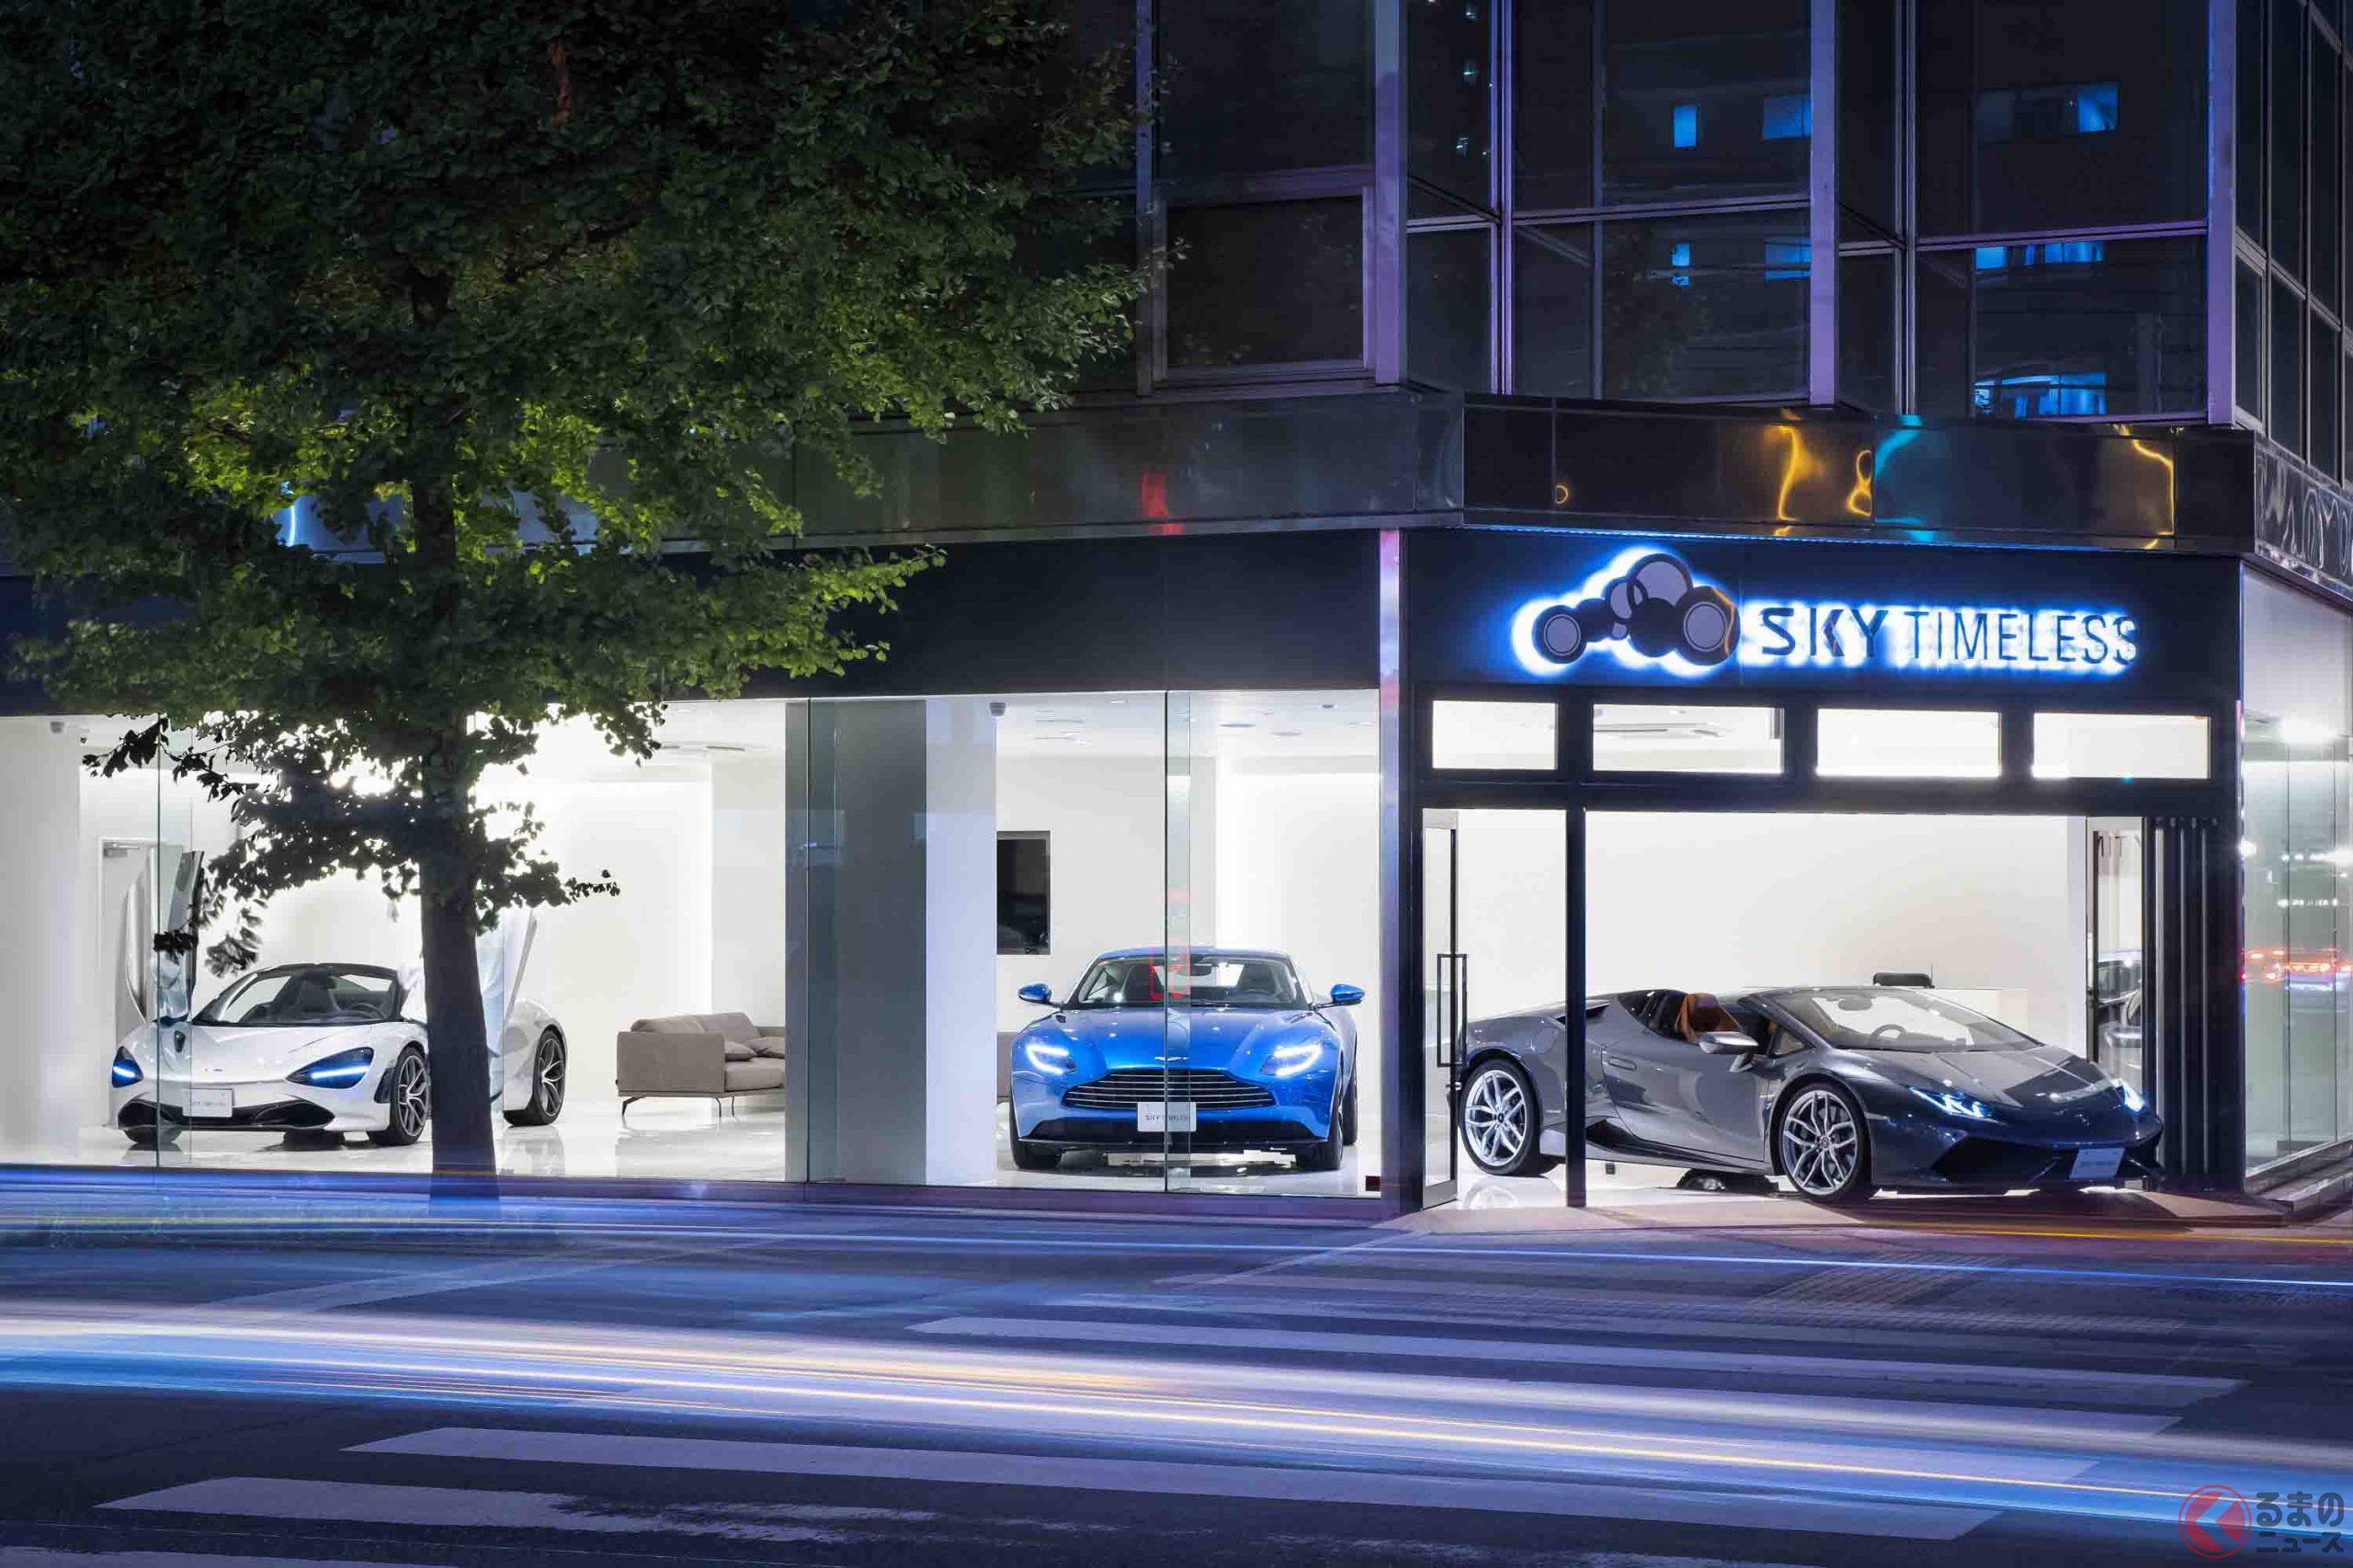 ラグジュアリー・プレミアムカー専門の買取・販売の専門店「スカイ・タイムレス札幌」の外観